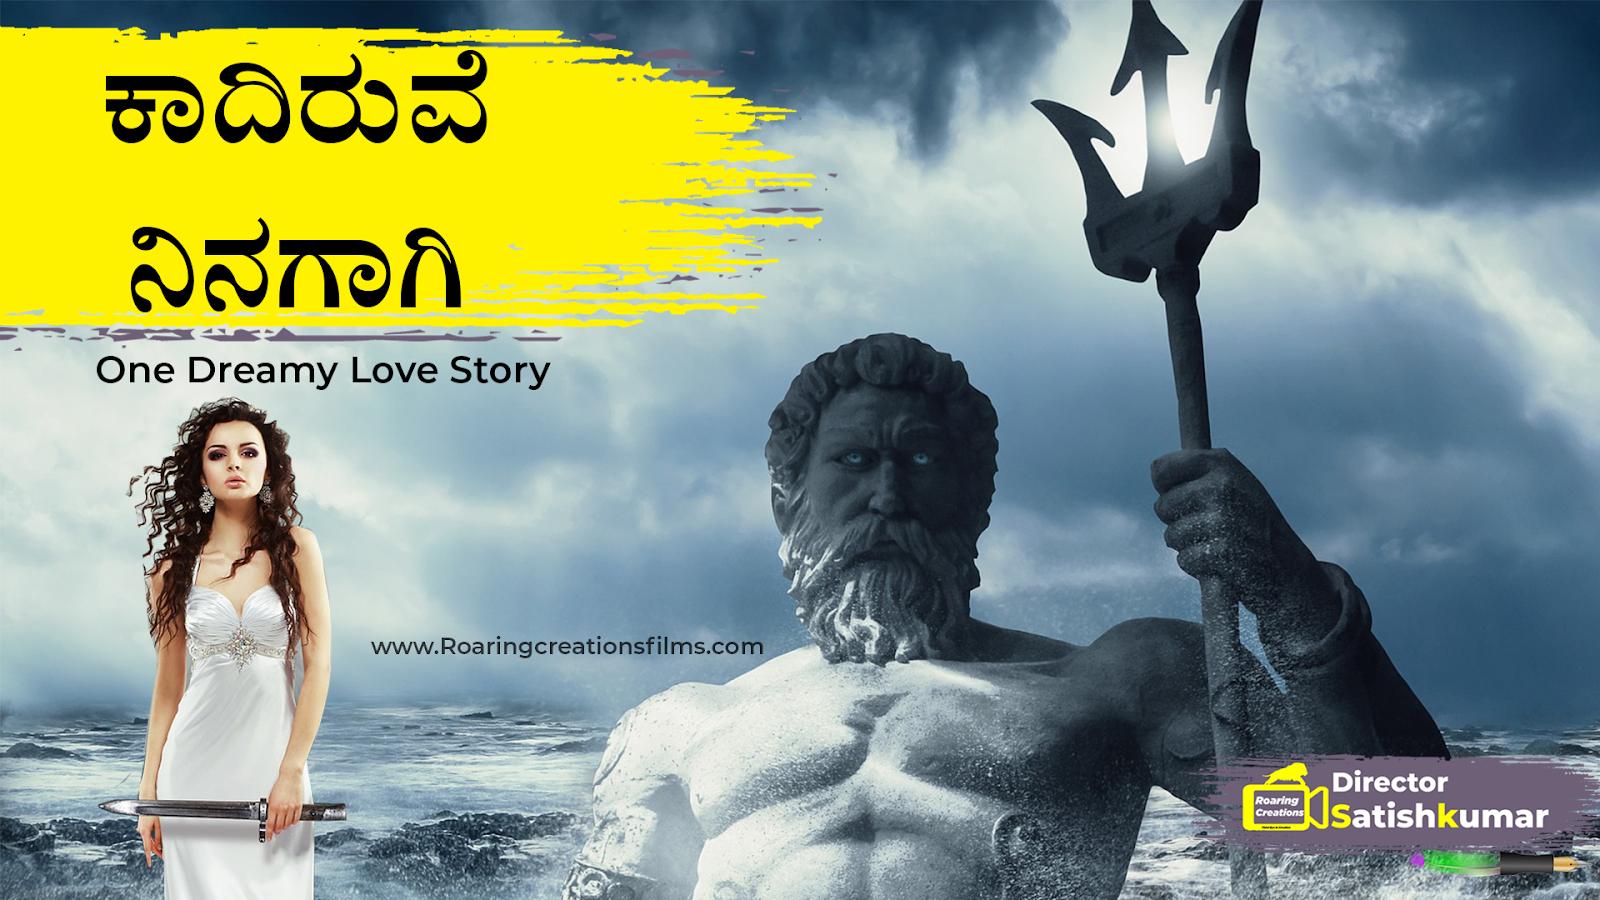 ಕಾದಿರುವೆ ನಿನಗಾಗಿ - One Dreamy Love Story of a Lonely lad in Kannada - ಕನ್ನಡ ಕಥೆ ಪುಸ್ತಕಗಳು - Kannada Story Books -  E Books Kannada - Kannada Books